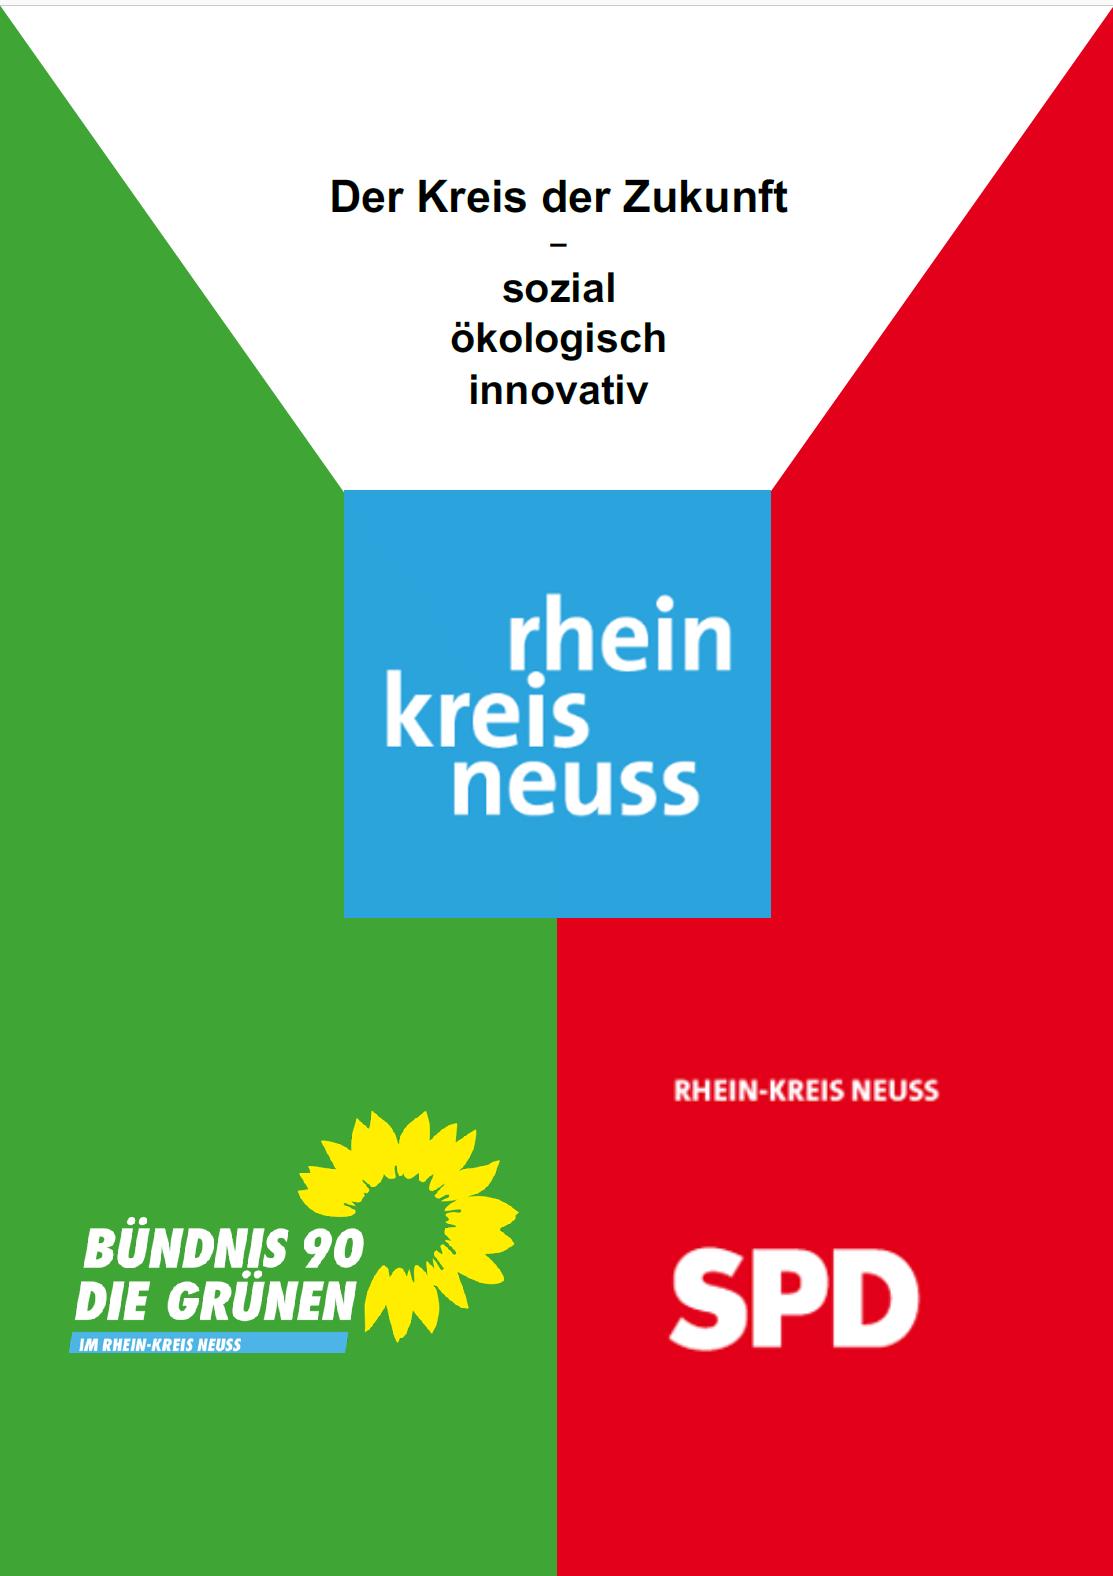 Kooperationsvertrag 2020-2025 zwischen SPD und GRÜNEN